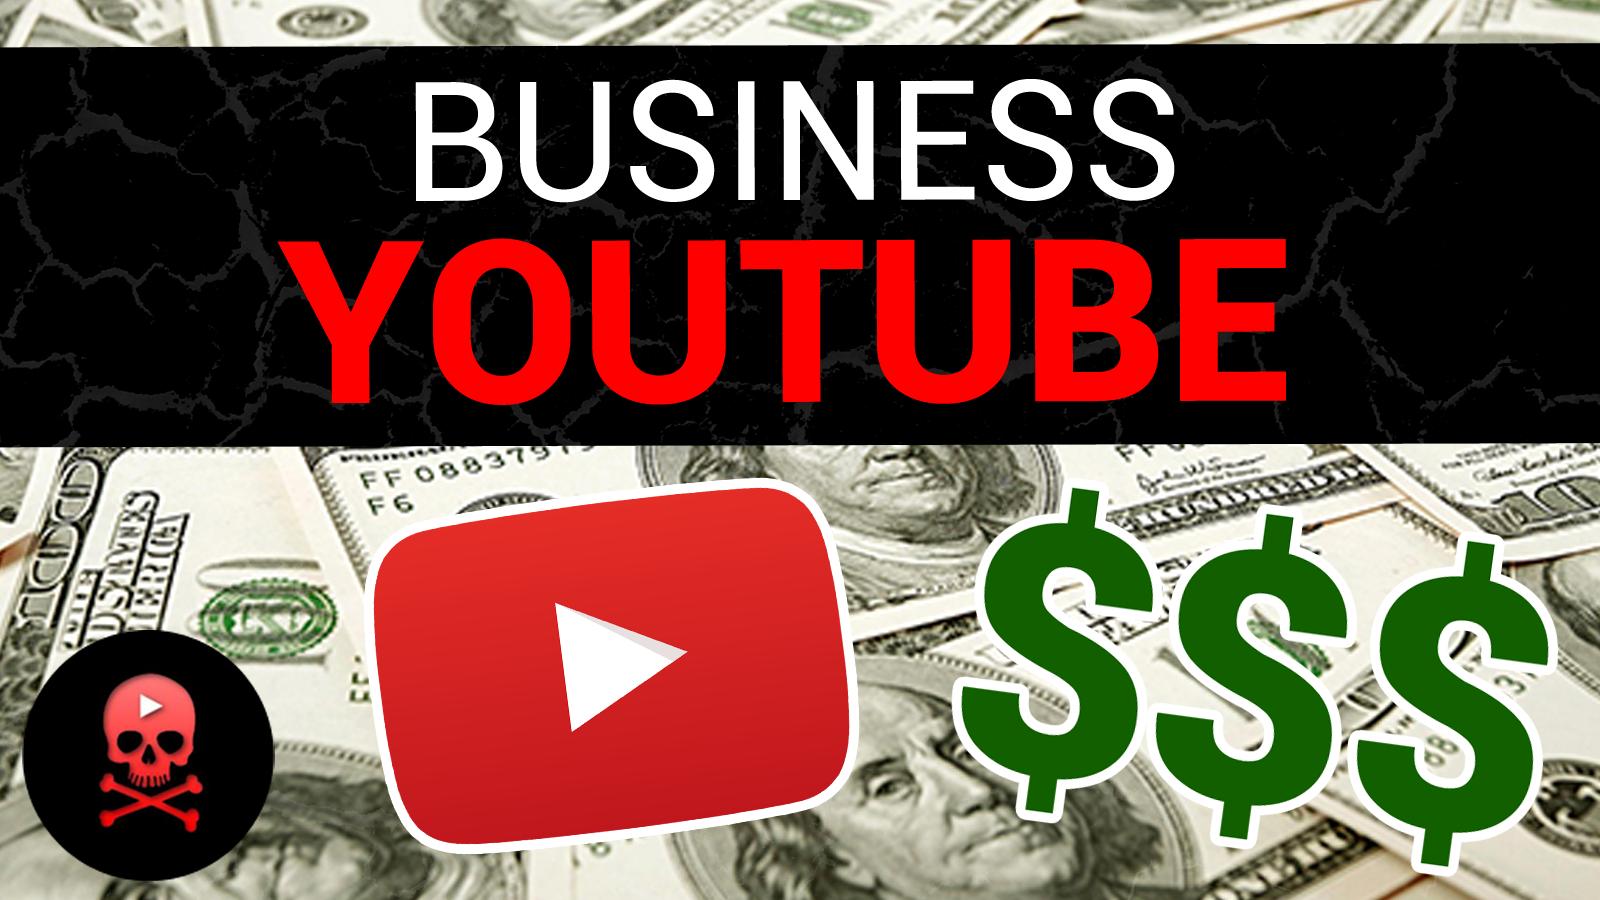 créer un business sur youtube